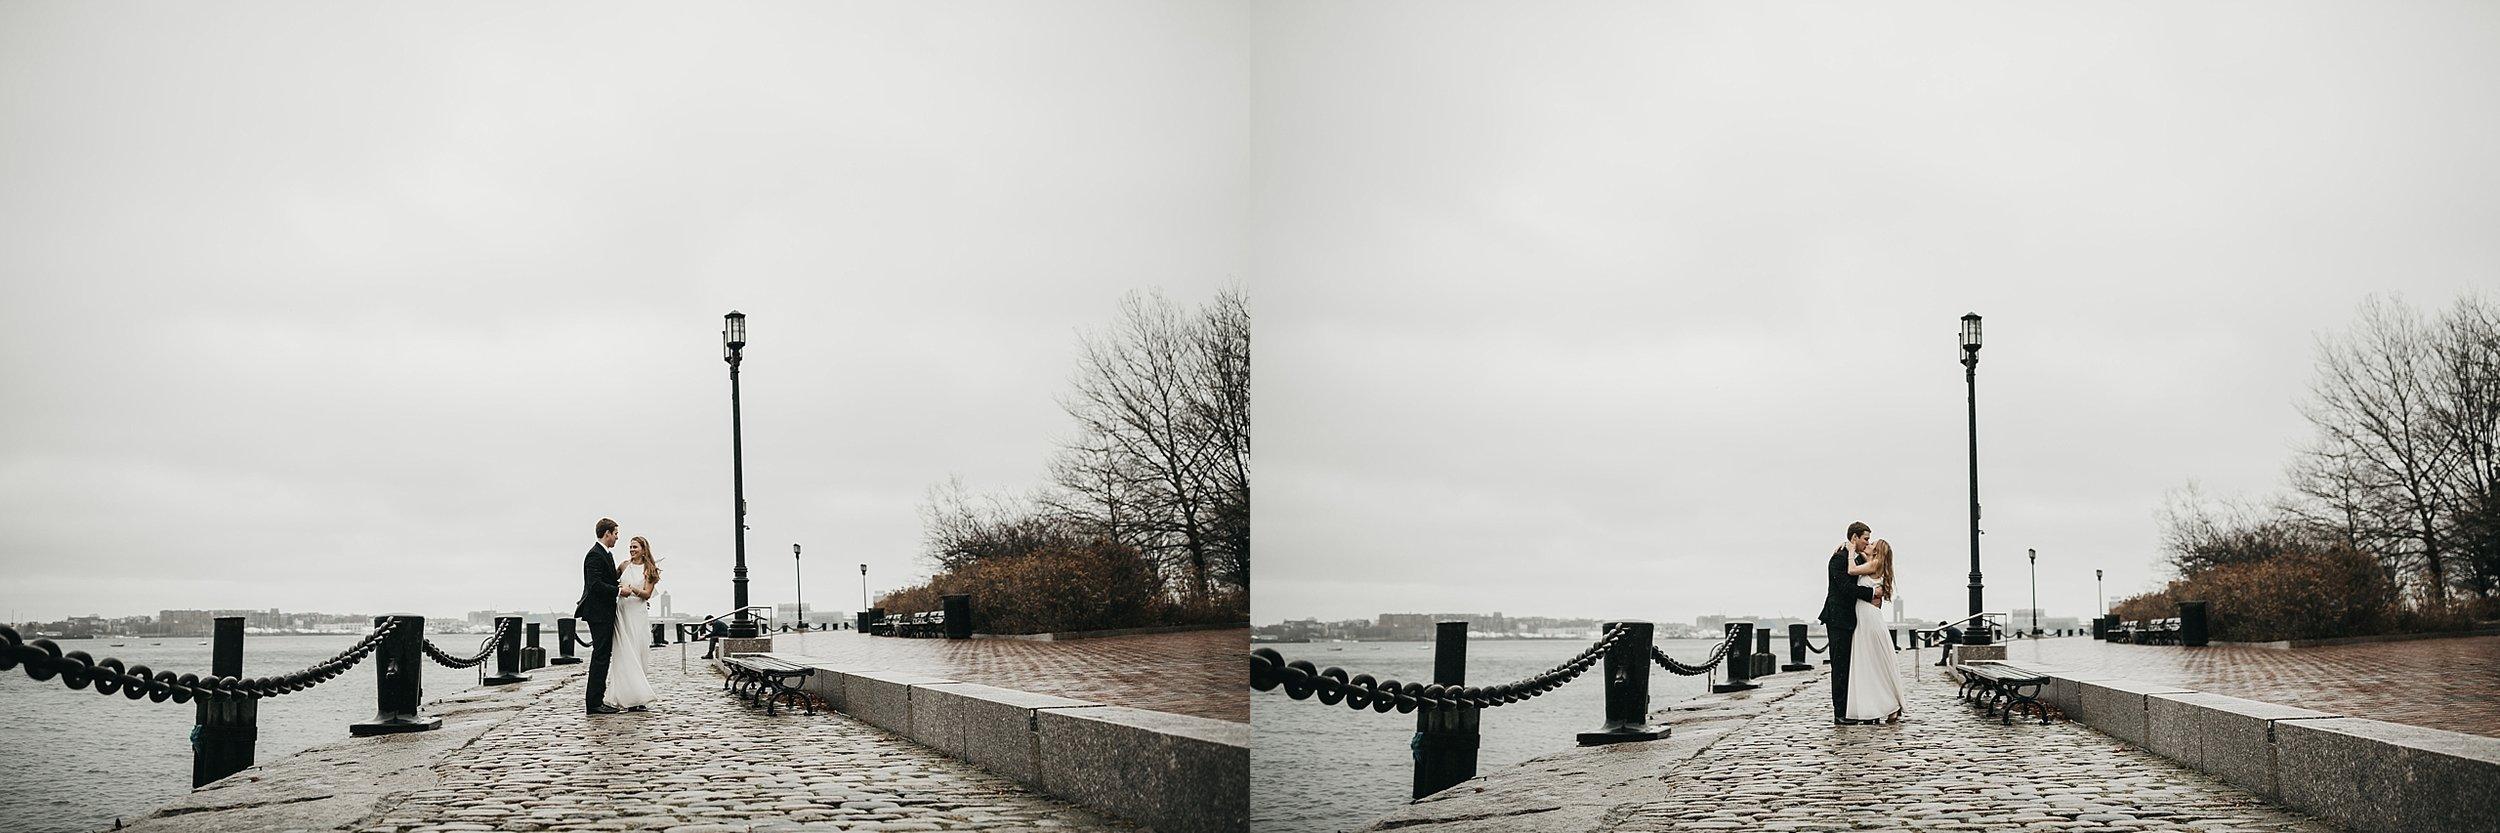 2019-01-02_0024.jpg